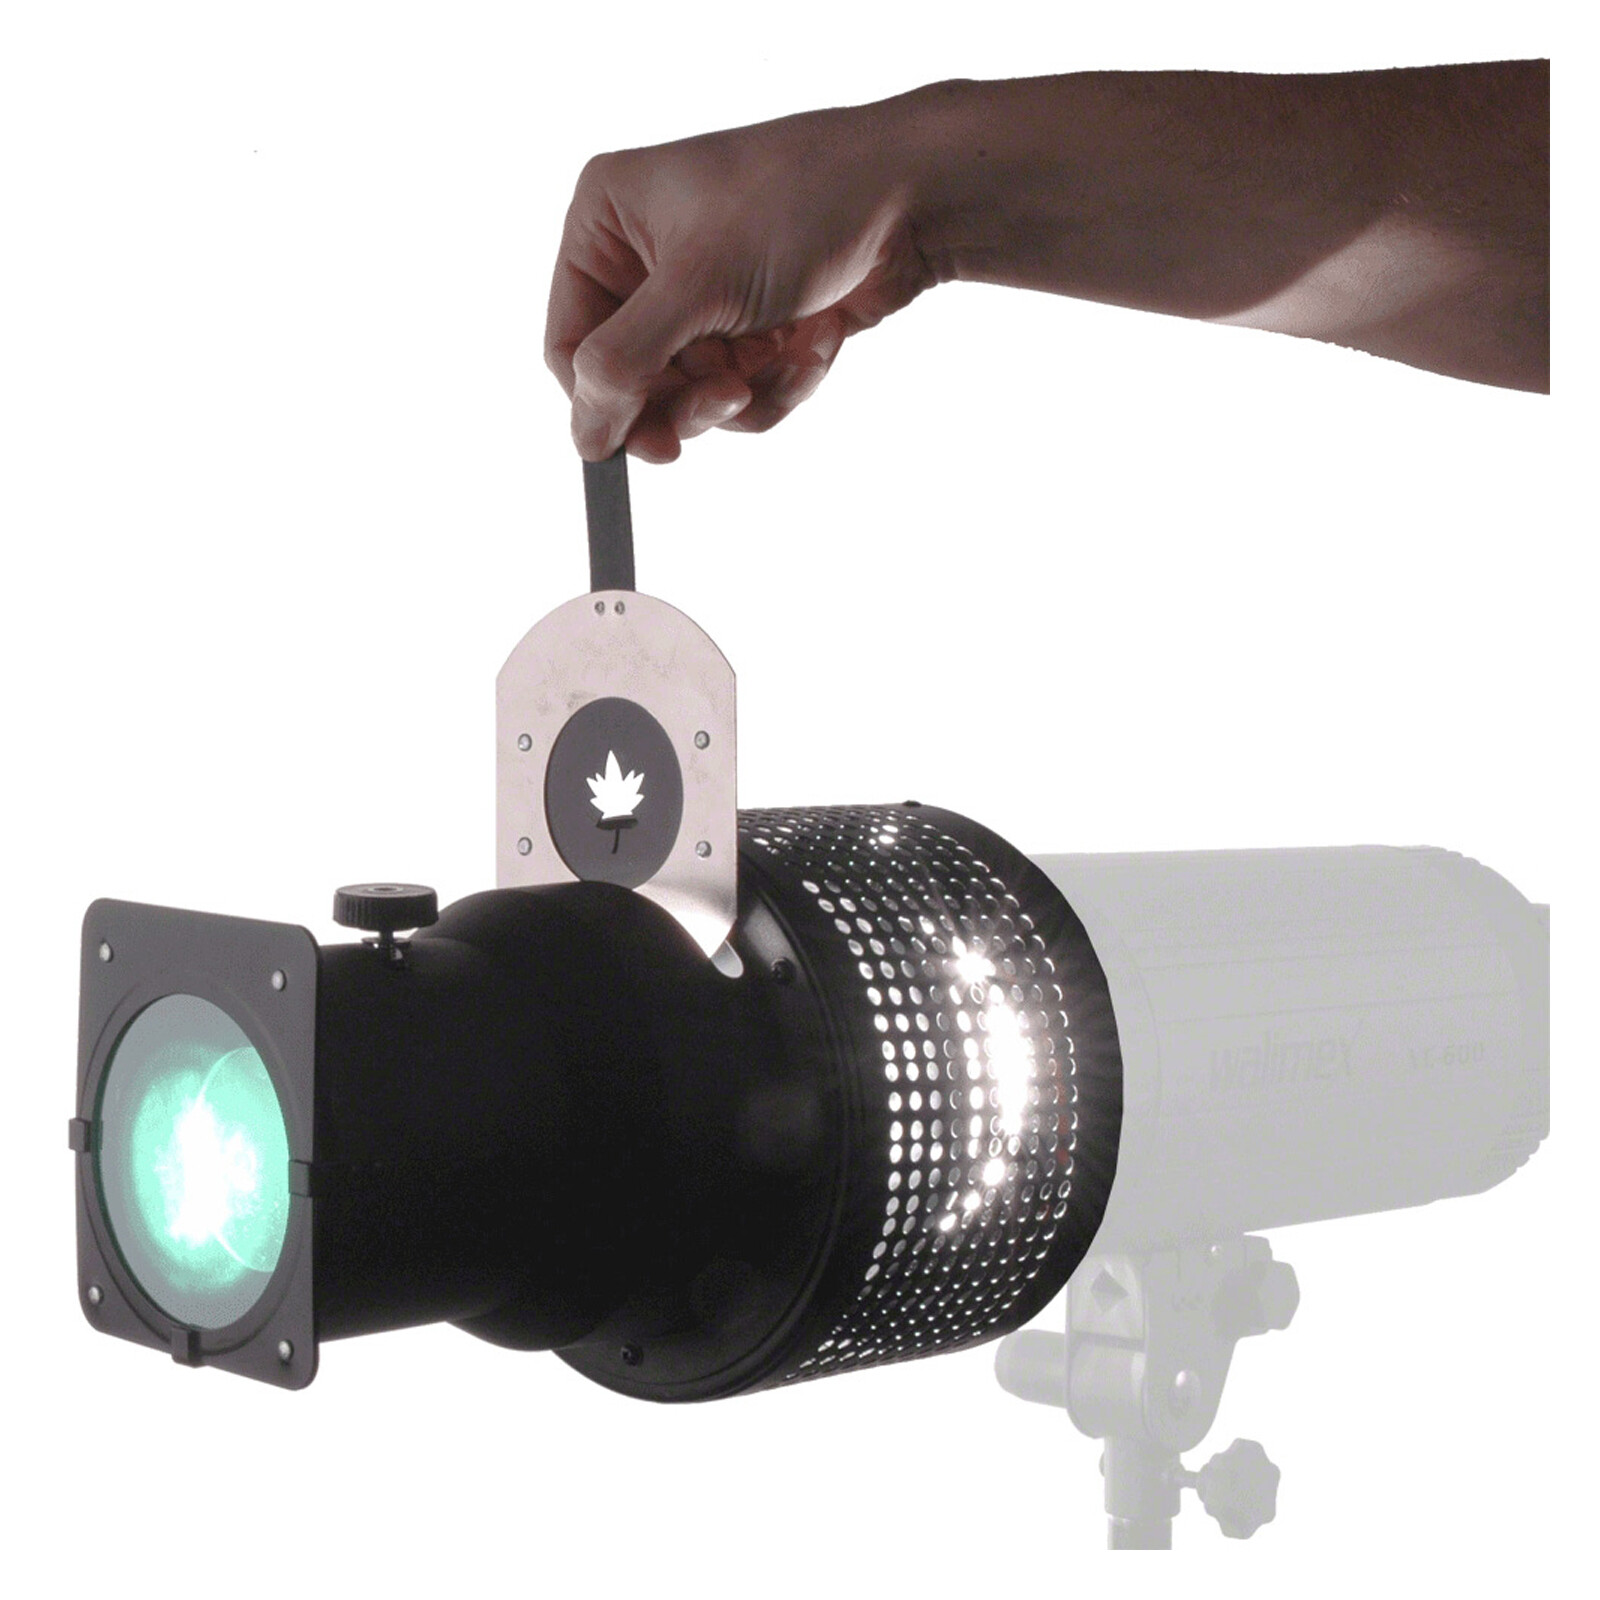 walimex Projektionsvorsatz mit Universalanschluss